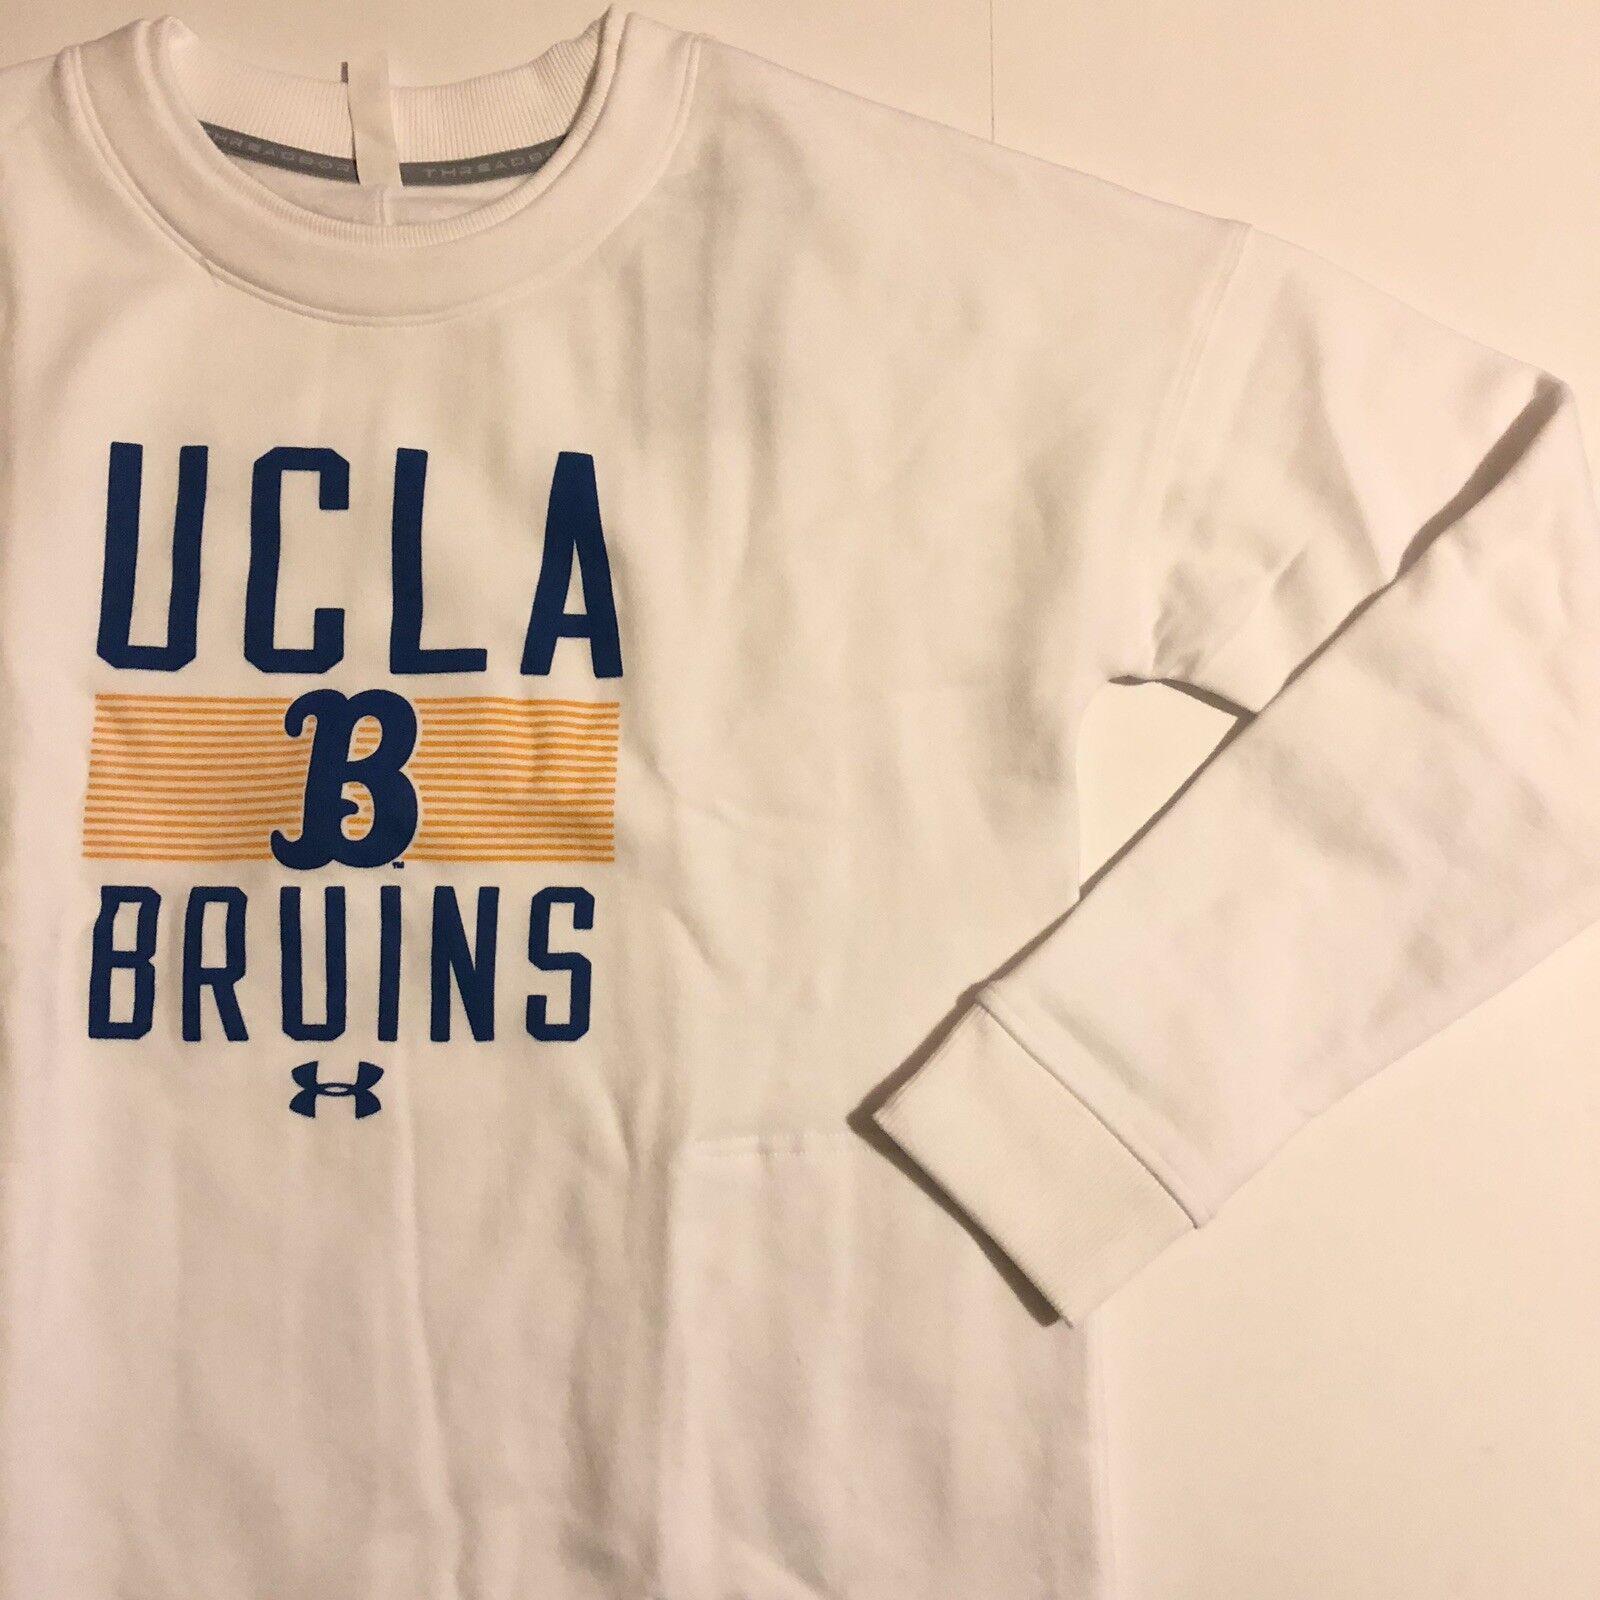 Herren Under Armour UCLA Bruins Sweatshirt Threadborne UW1562000 Medium Weiß